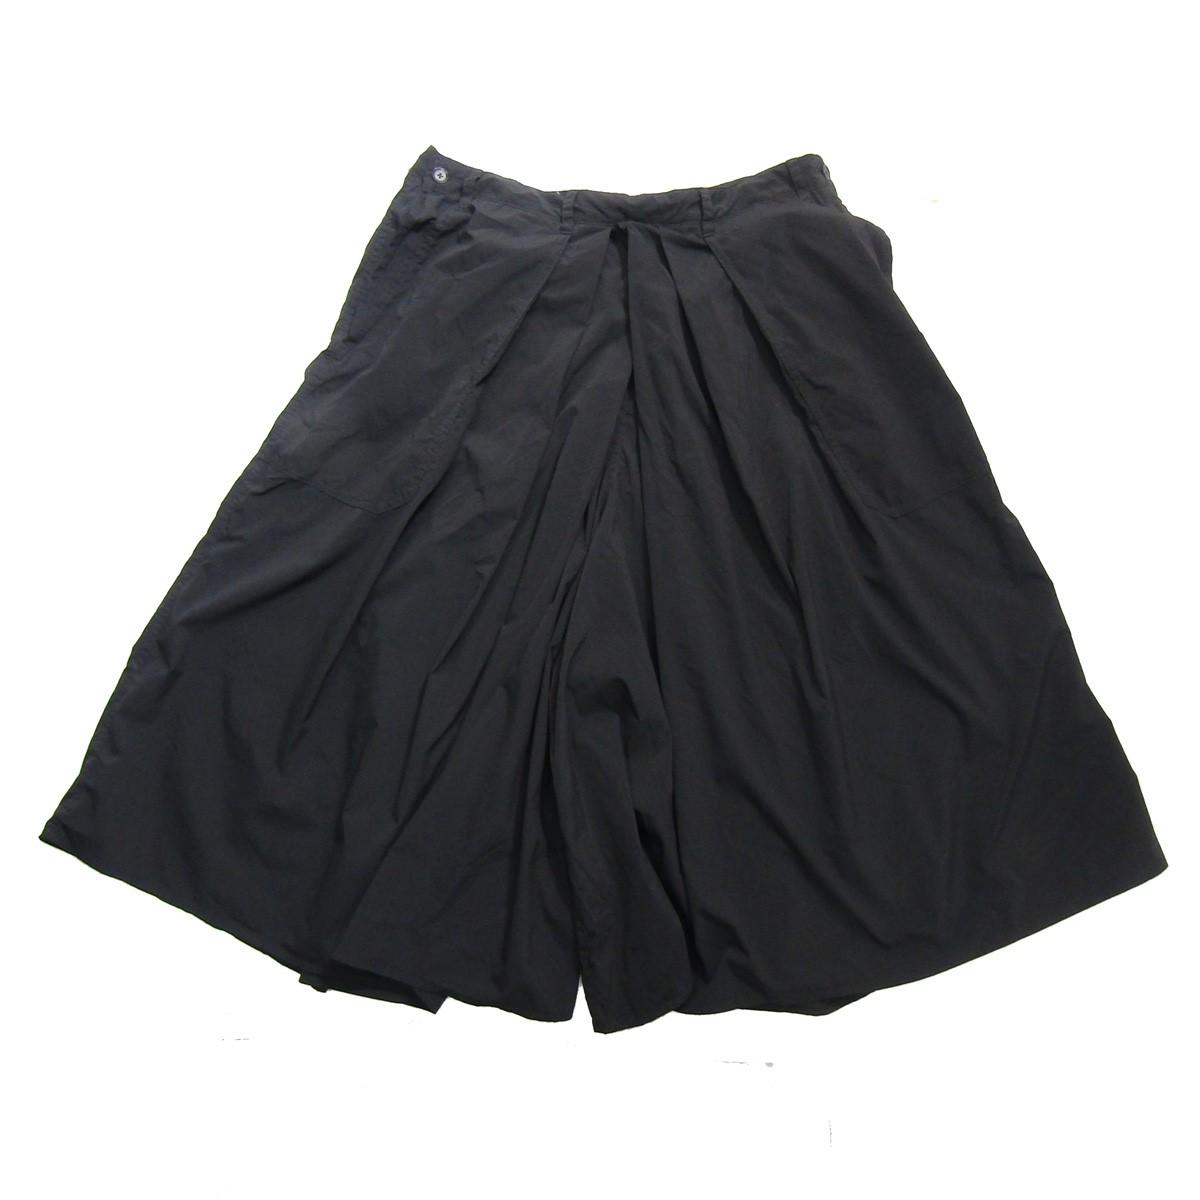 【中古】YOHJI YAMAMOTO pour homme Products Dyed Hakama Pants/製品染め加工ハカマパンツ ブラック サイズ:3 【210520】(ヨウジヤマモトプールオム)